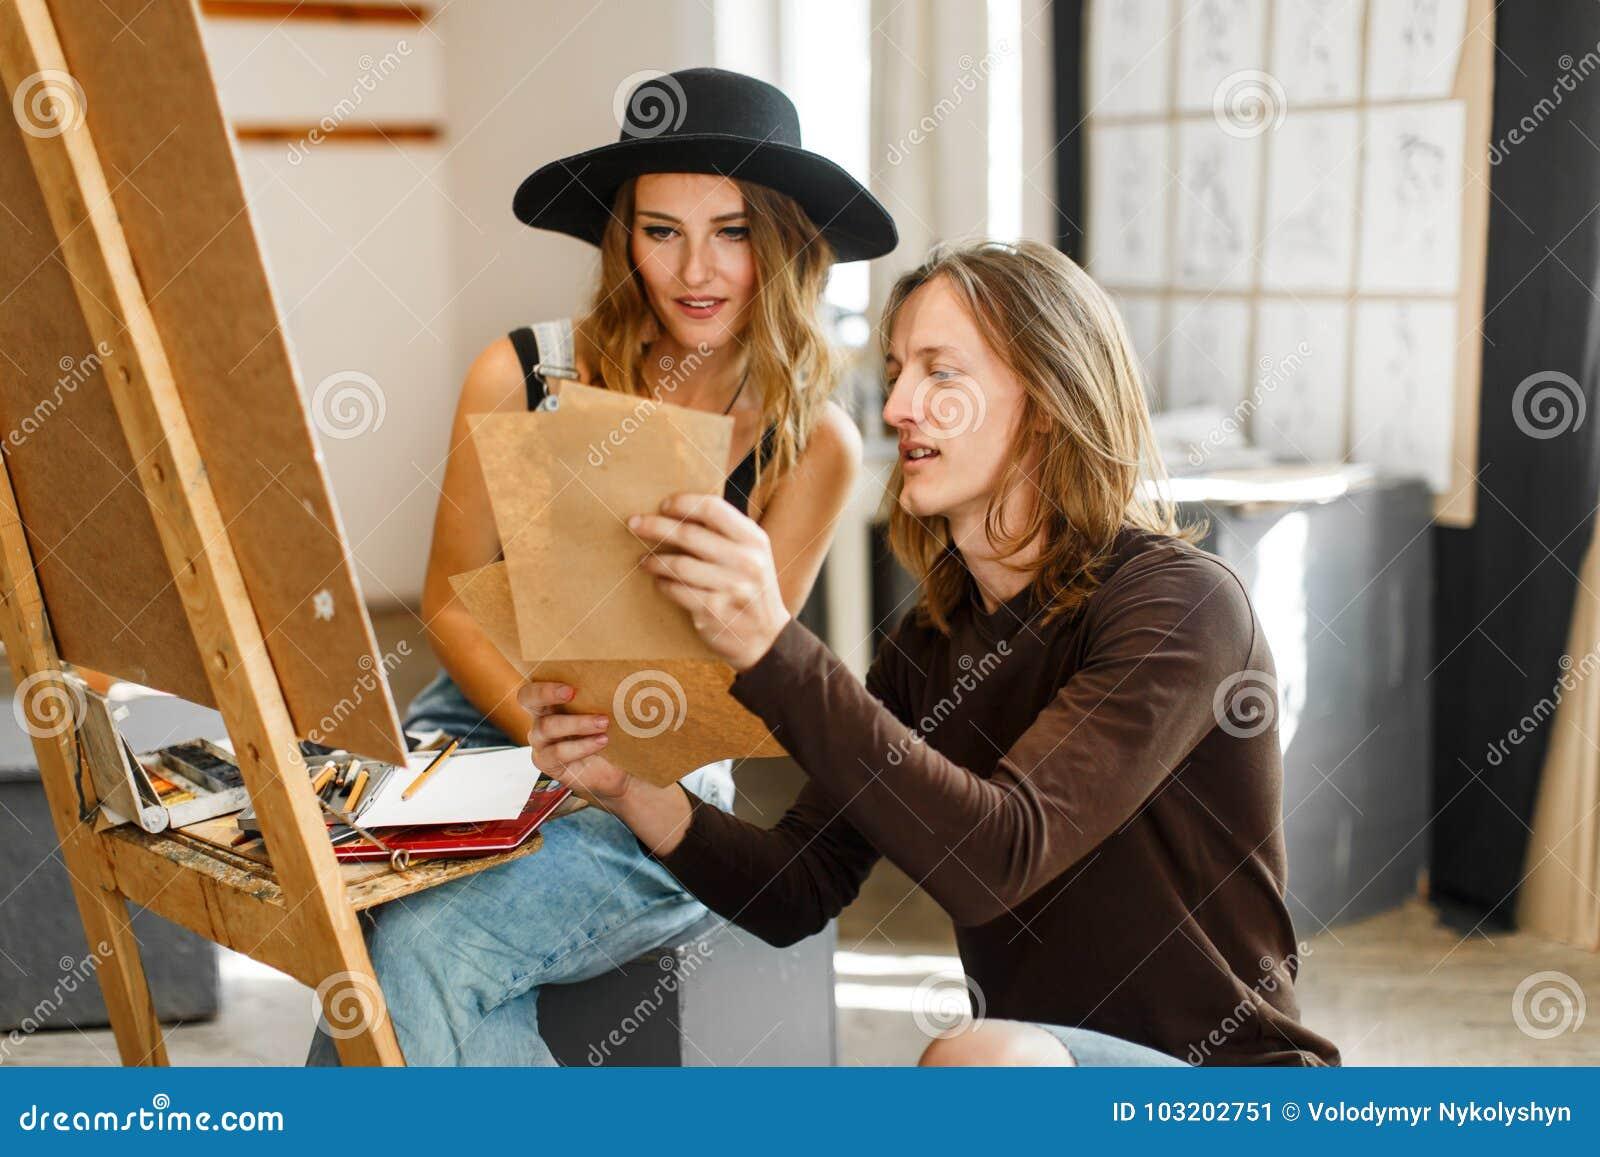 Künstler Consult sein Kollege beim Zeichnen